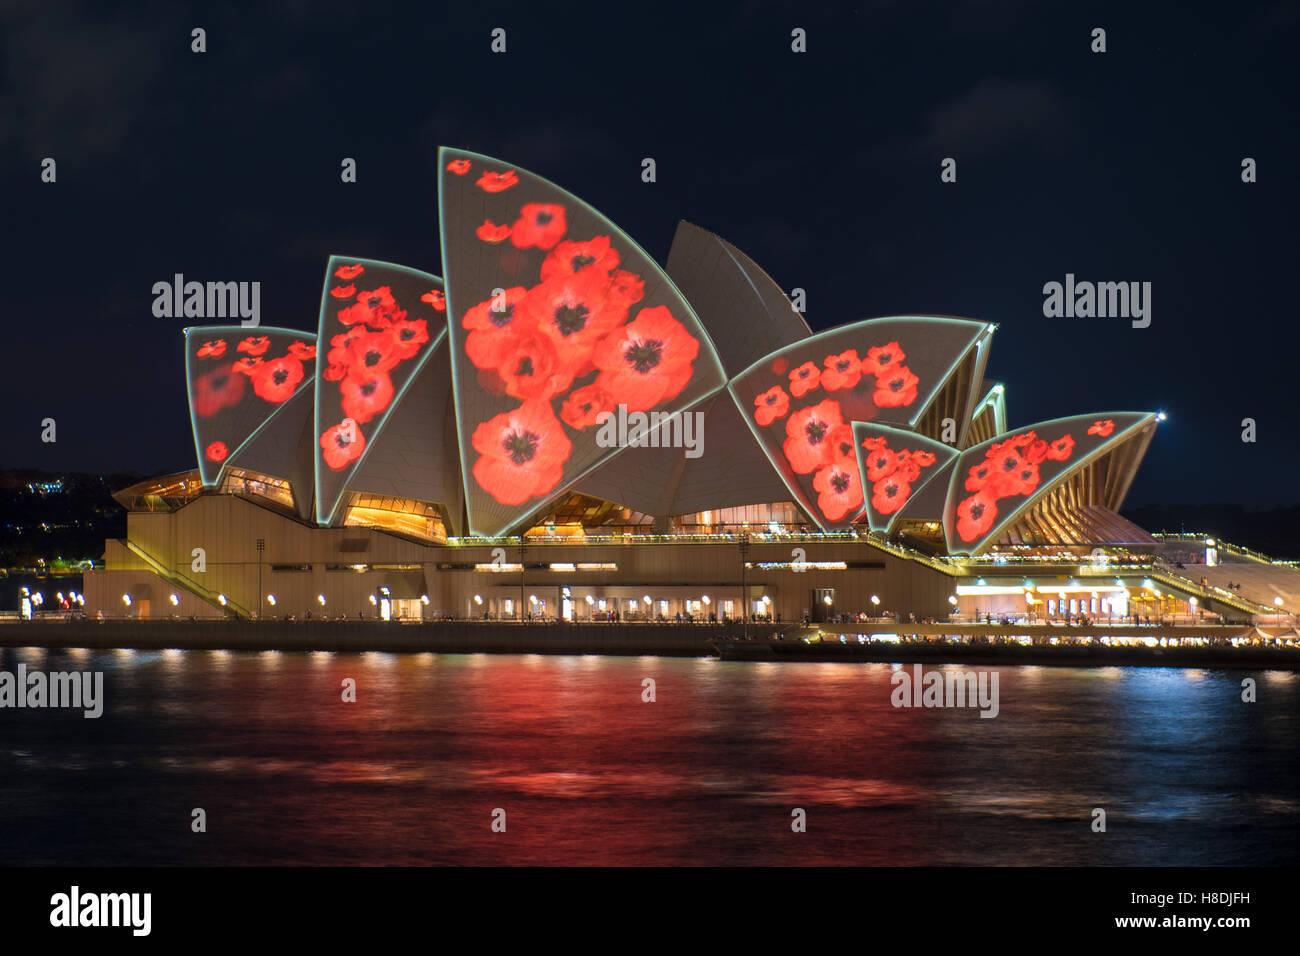 Sydney, Australie. Nov 11, 2016. Opéra de Sydney vu couvert de lumière projetée du coquelicot pour Photo Stock